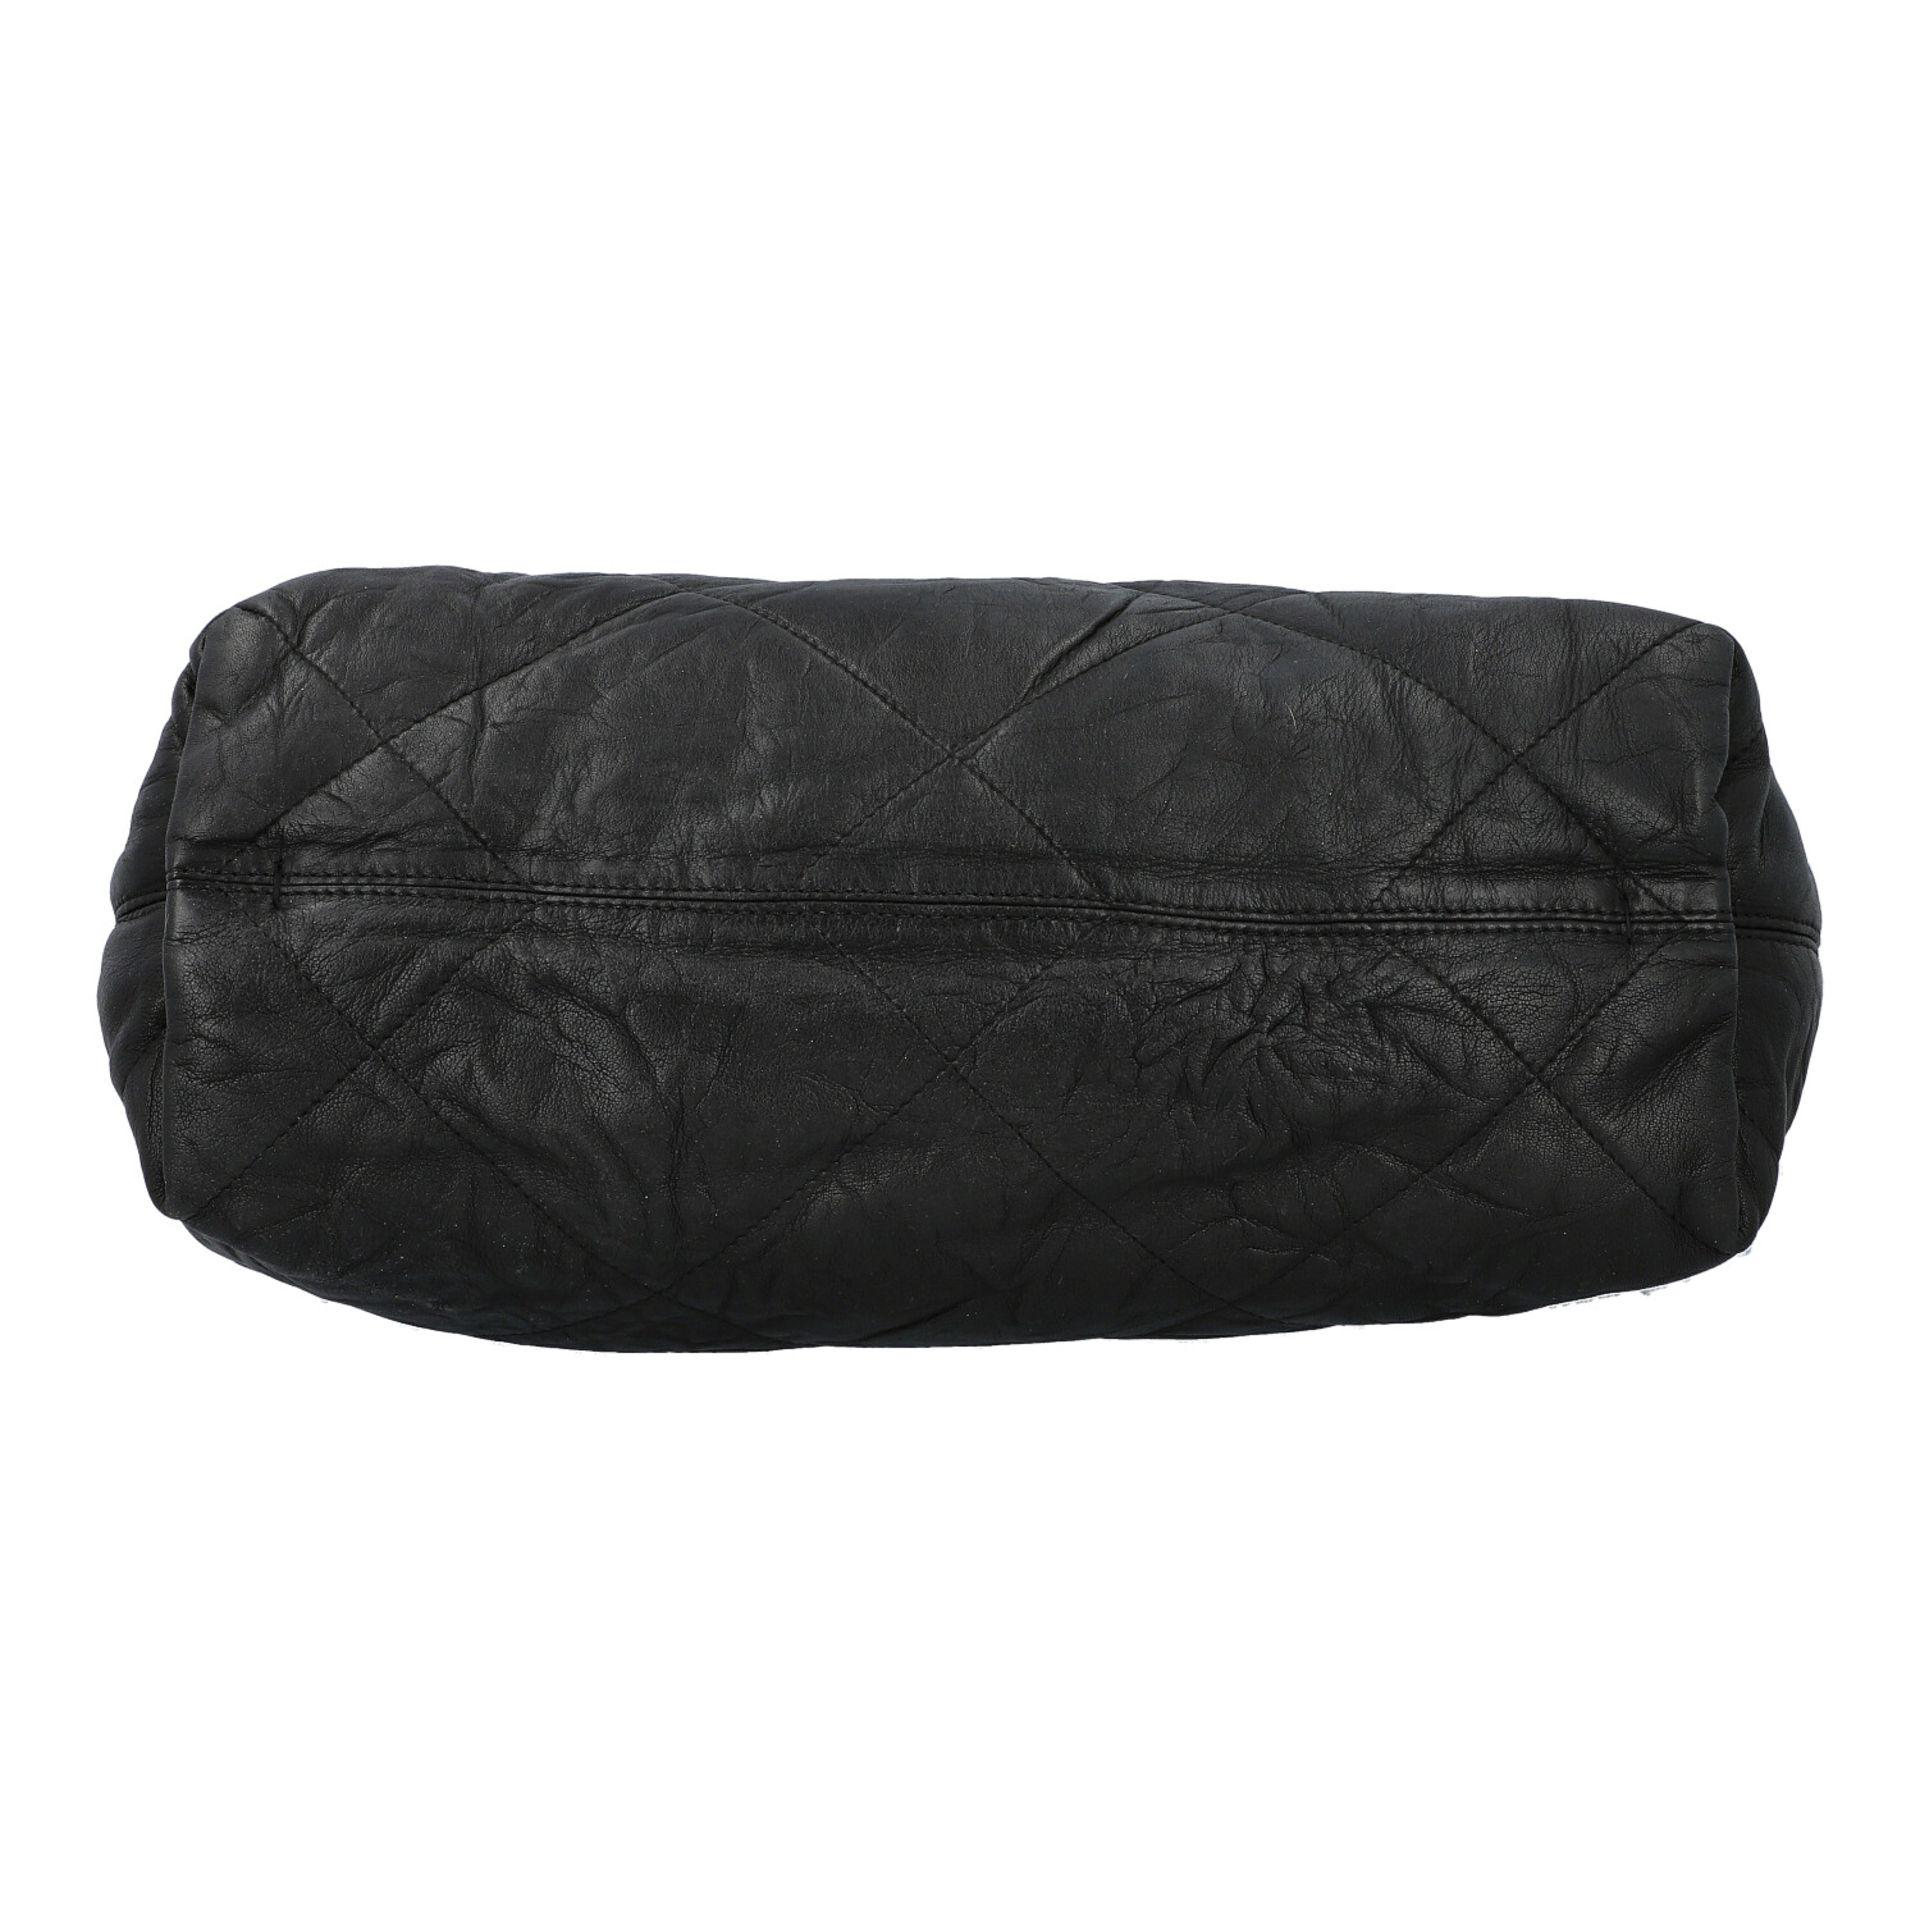 LANVIN Shoppertasche. Softes Leder in Schwarz mit Rautensteppung und dekorativen Trage - Image 5 of 8